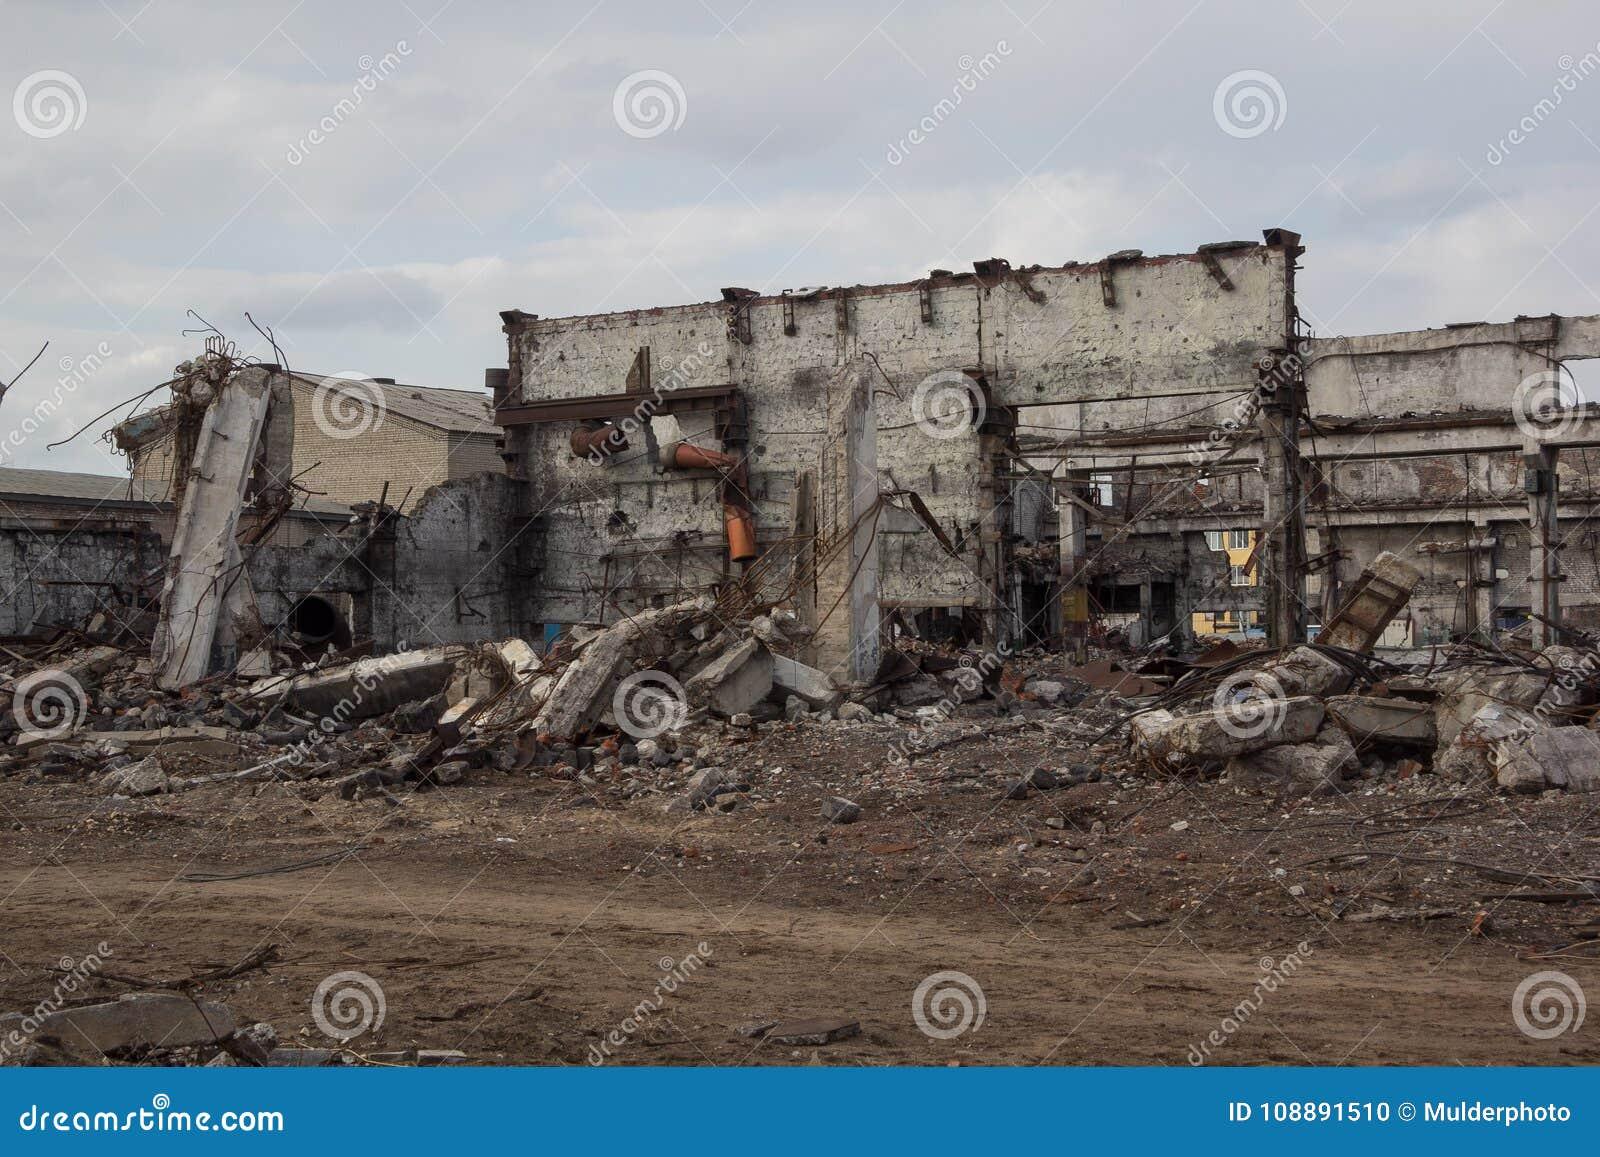 Τα βιομηχανικά κτήρια, μπορούν να χρησιμοποιηθούν ως κατεδάφιση, πόλεμος, βόμβα, τρομοκρατική επίθεση, σεισμός ή οποιαδήποτε άλλη